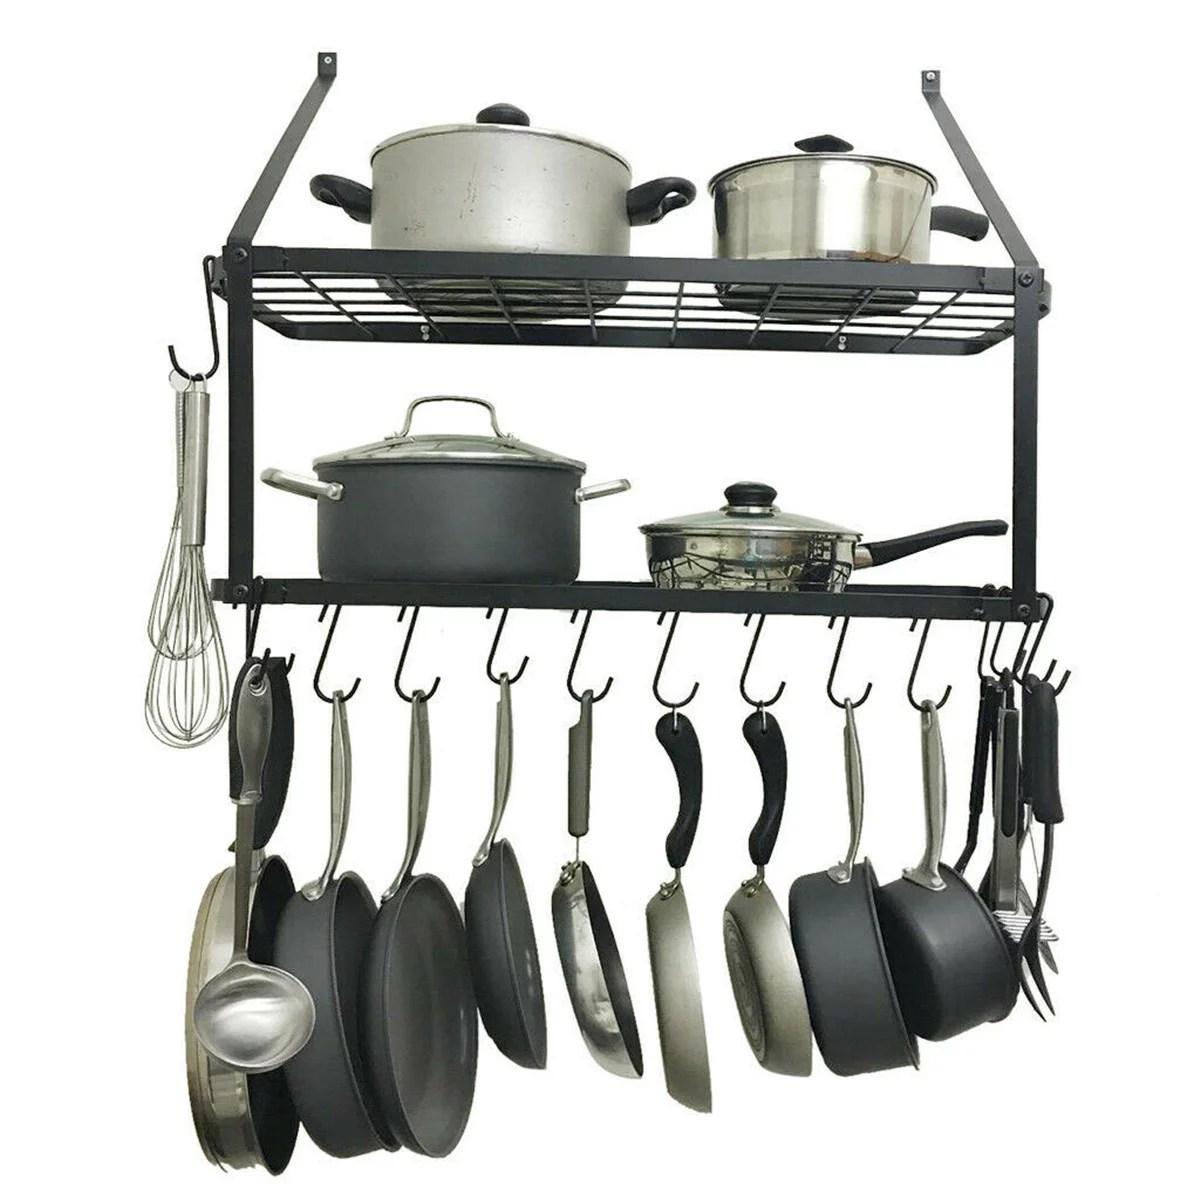 12 hooks metal hanging pan pot rack wall mounted ot pan rack holder cookware storage shelf hanger hook